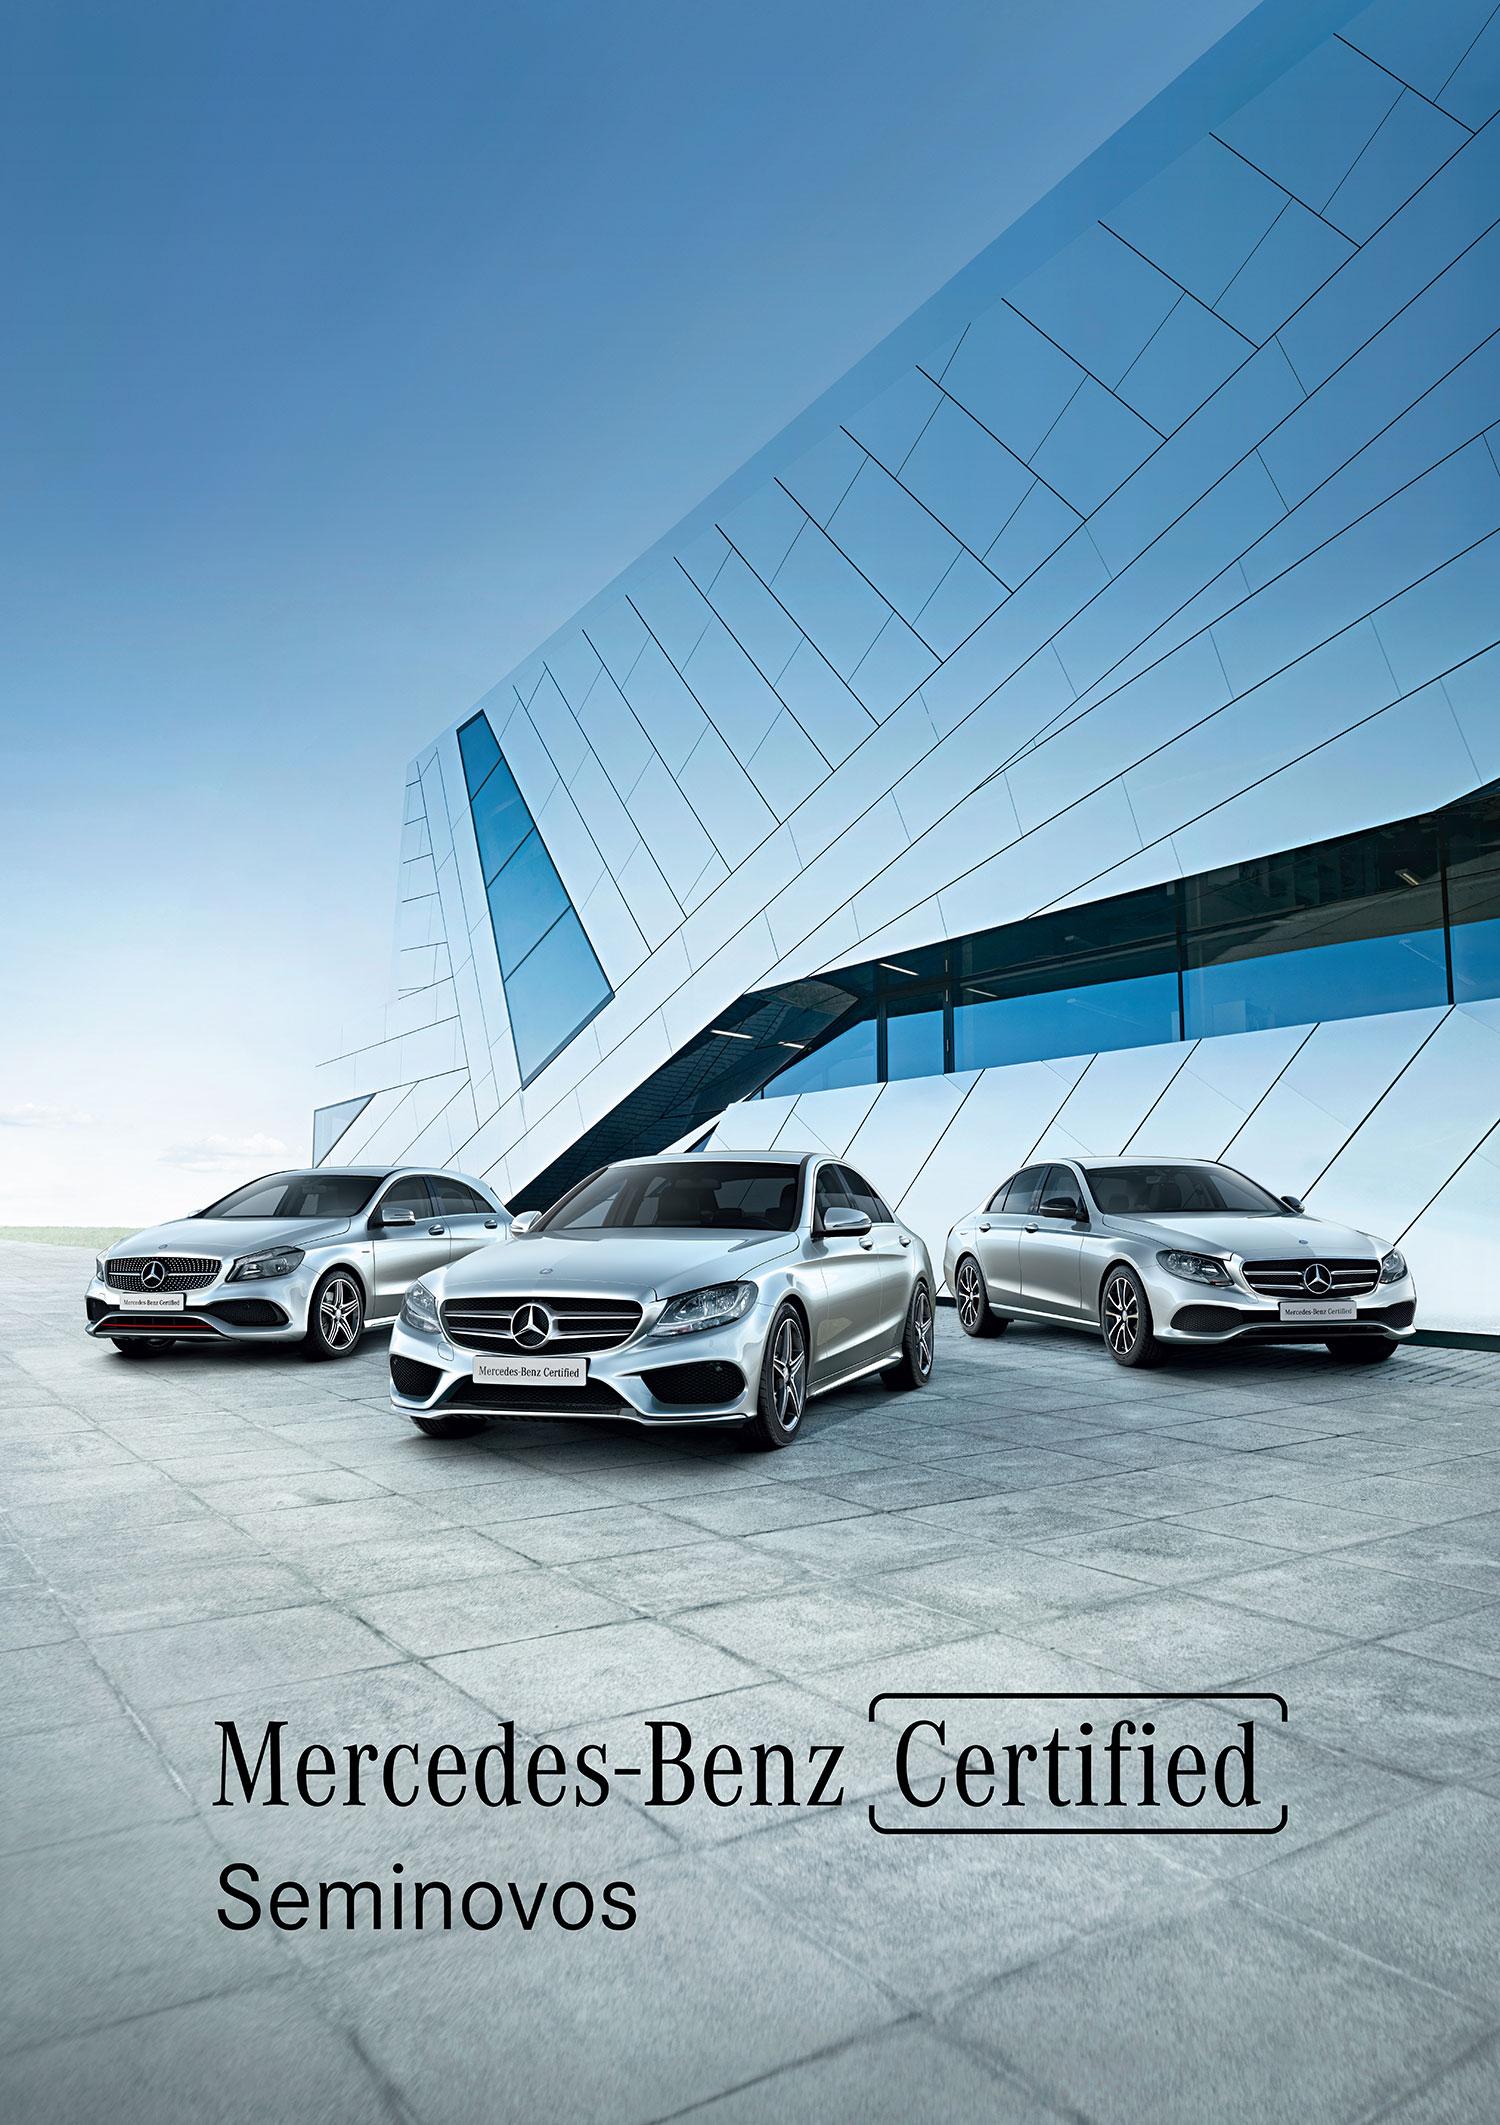 Superior U201cPara A Mercedes Benz, A Tranquilidade E A Satisfação De Um Cliente Após A  Compra De Um Veículo Seminovo Deve Ser A Mesma Experimentada Pelo Cliente  Que ...